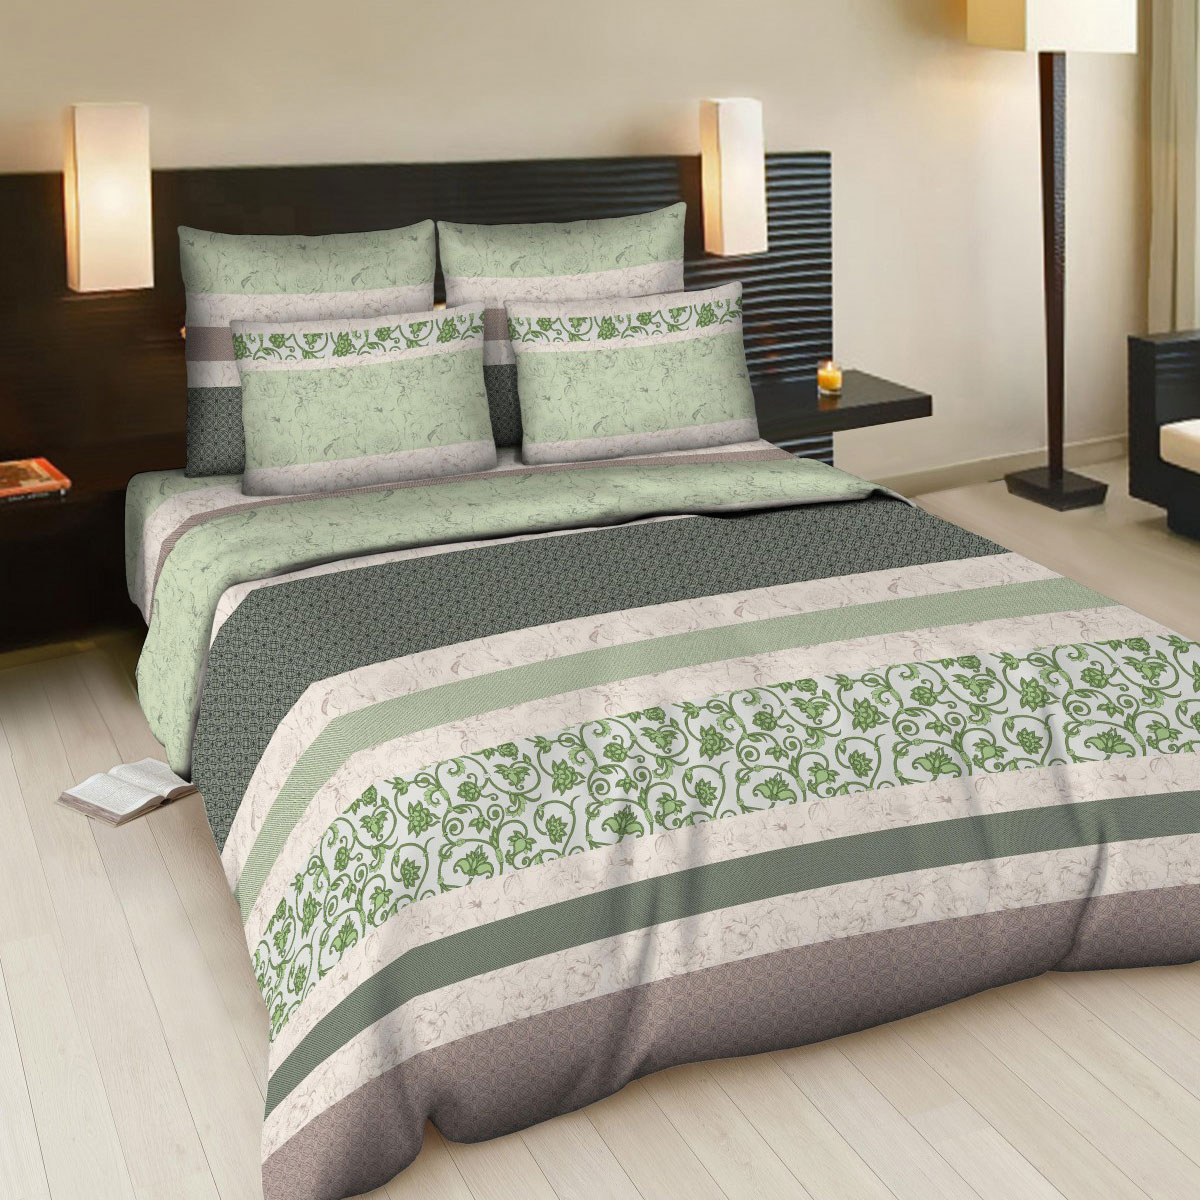 Комплект белья Letto Карнелия, 2-спальный, наволочки 70х70, цвт: серый, светло-зеленый. В93-4 комплект белья letto семейный наволочки 70х70 цвет голубой синий b183 7